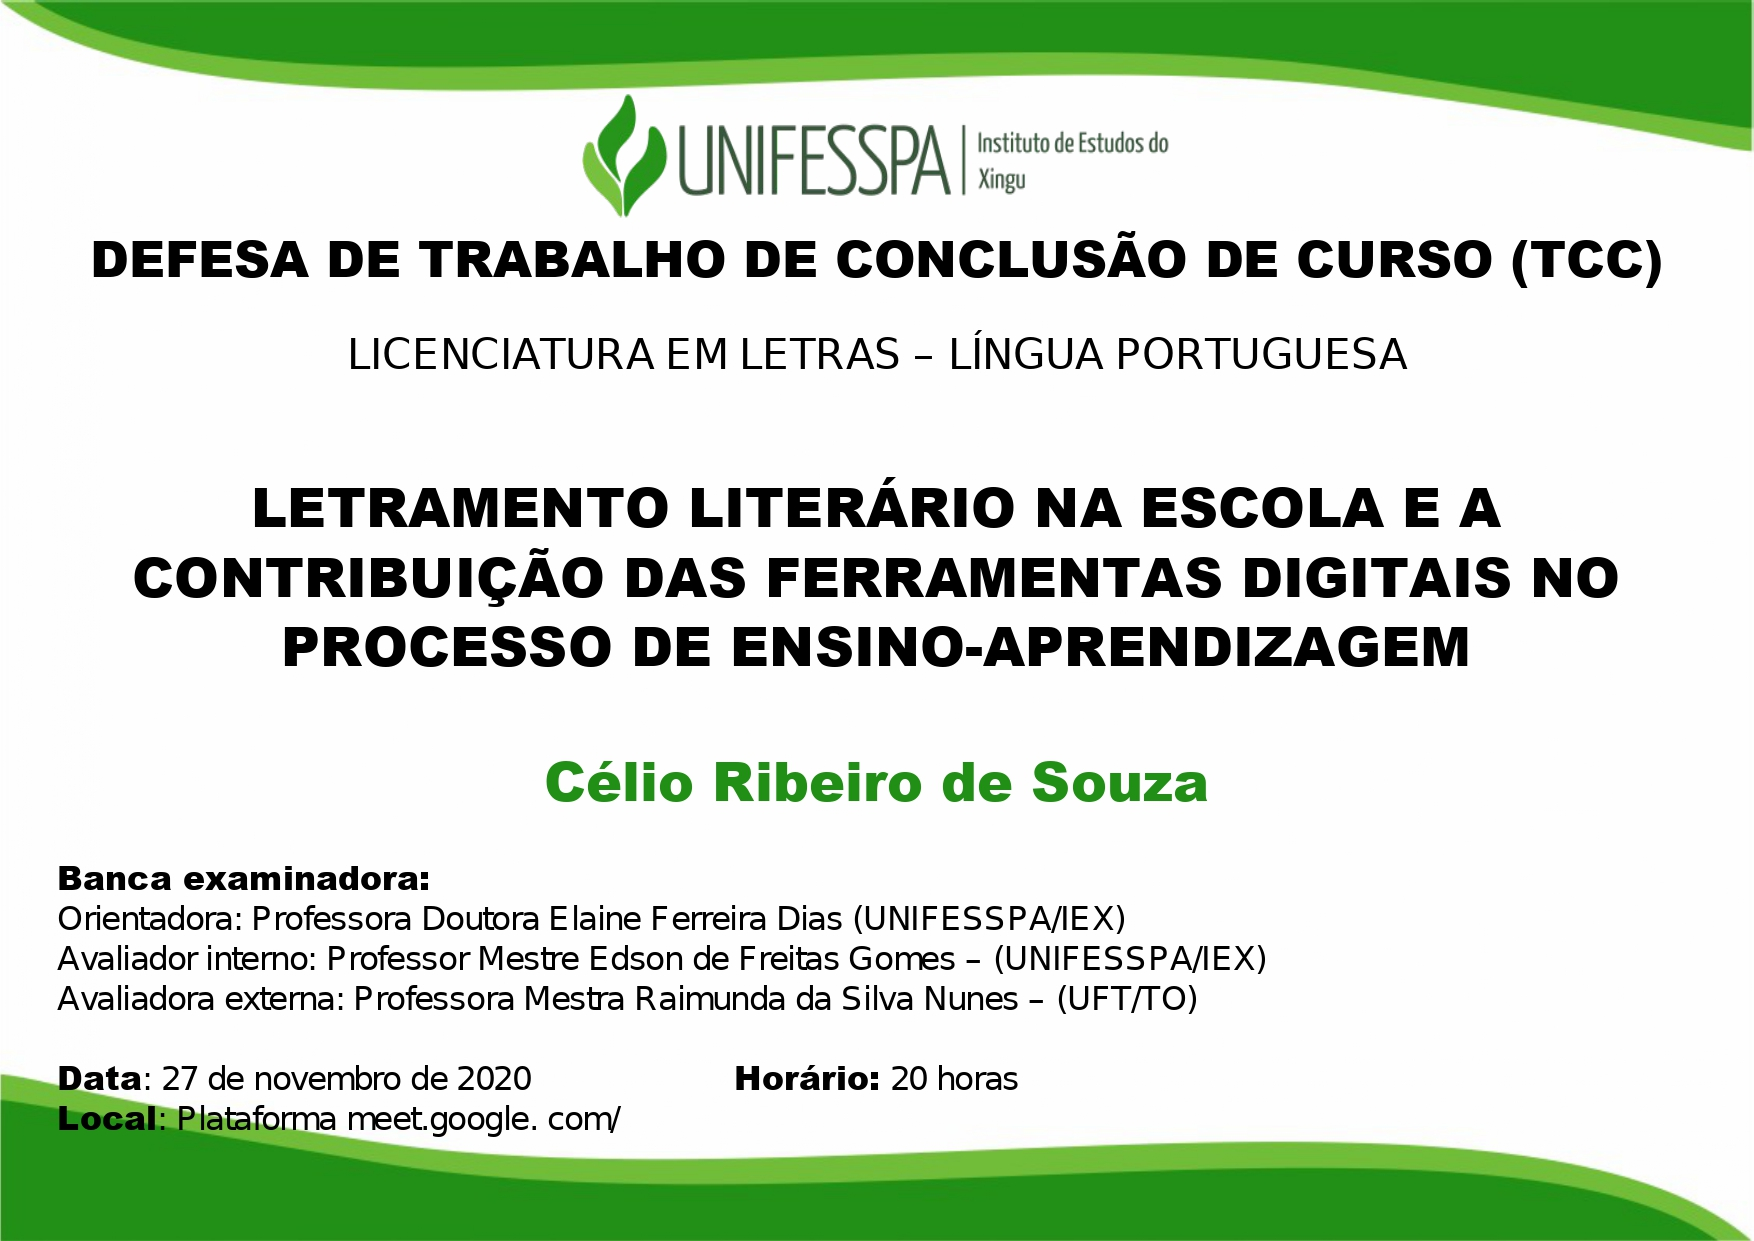 TCC - LETRAMENTO LITERÁRIO NA ESCOLA E A  CONTRIBUIÇÃO DAS FERRAMENTAS DIGITAIS NO  PROCESSO DE ENSINO-APRENDIZAGEM